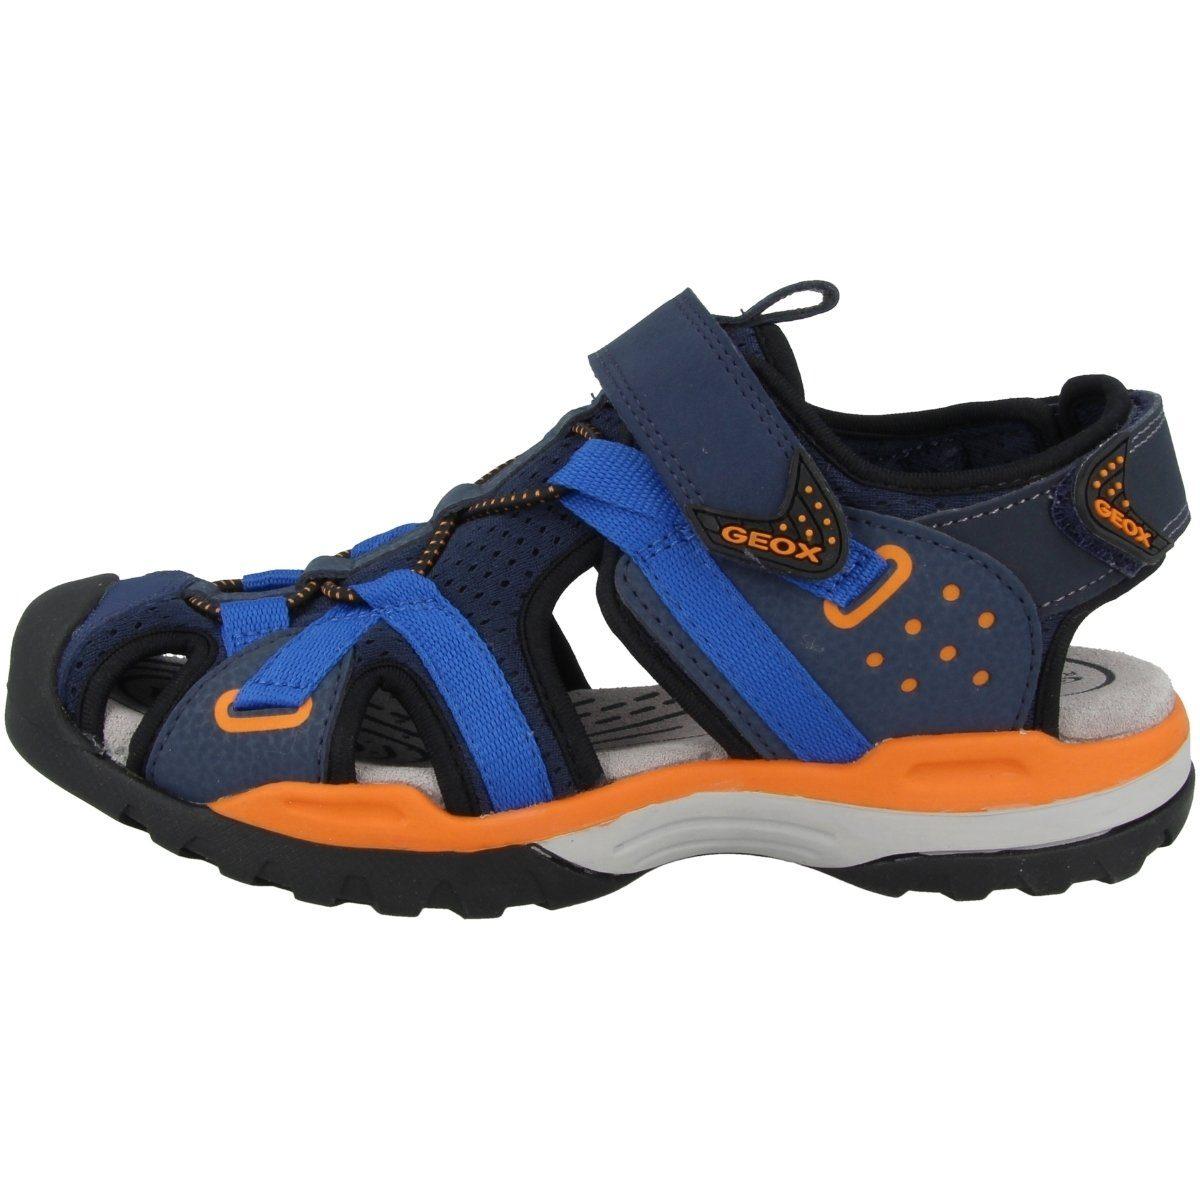 Geox »J Borealis B. B« Sandale, Schnellschnürsystem und Klettverschlüsse an Spann und Ferse online kaufen | OTTO 6ozVP